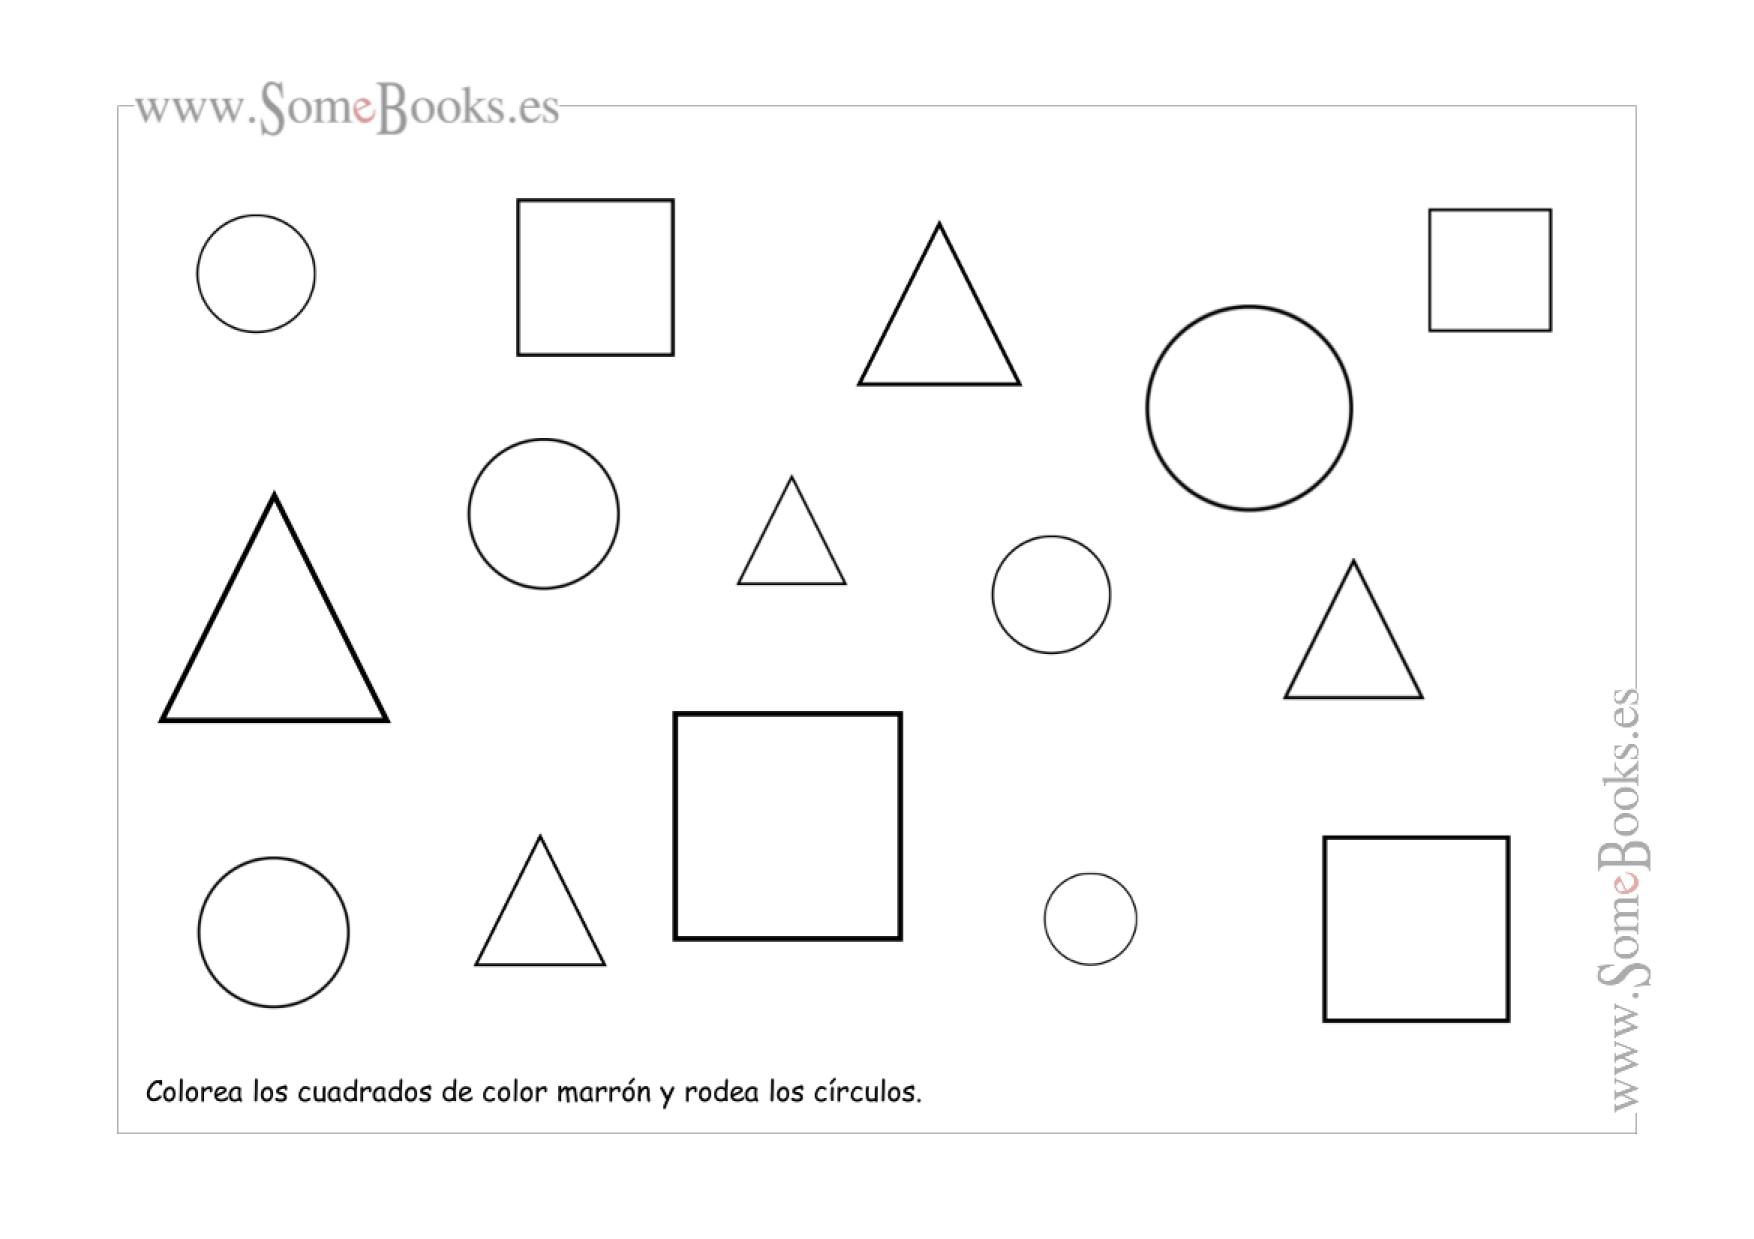 9. Círculo, cuadrado y triángulo | Concepte matemàtics | Pinterest ...